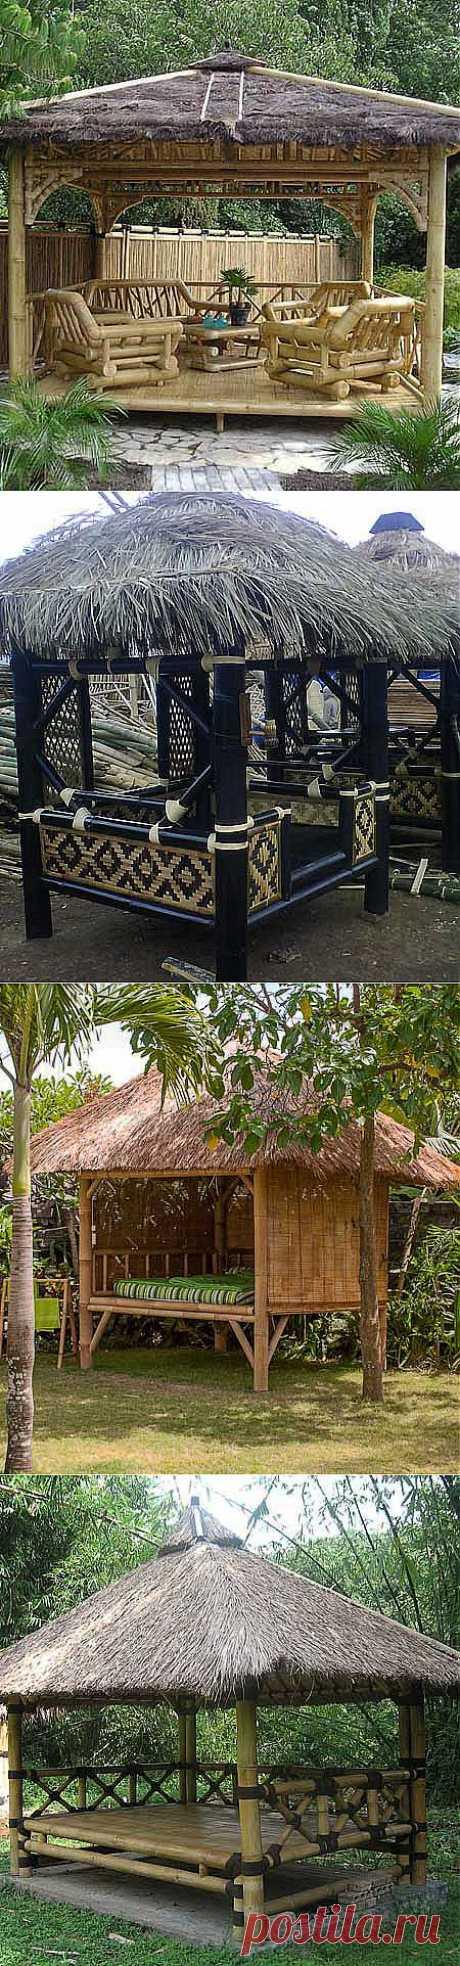 Необычные садовые беседки: 10 беседок в восточном стиле из бамбука